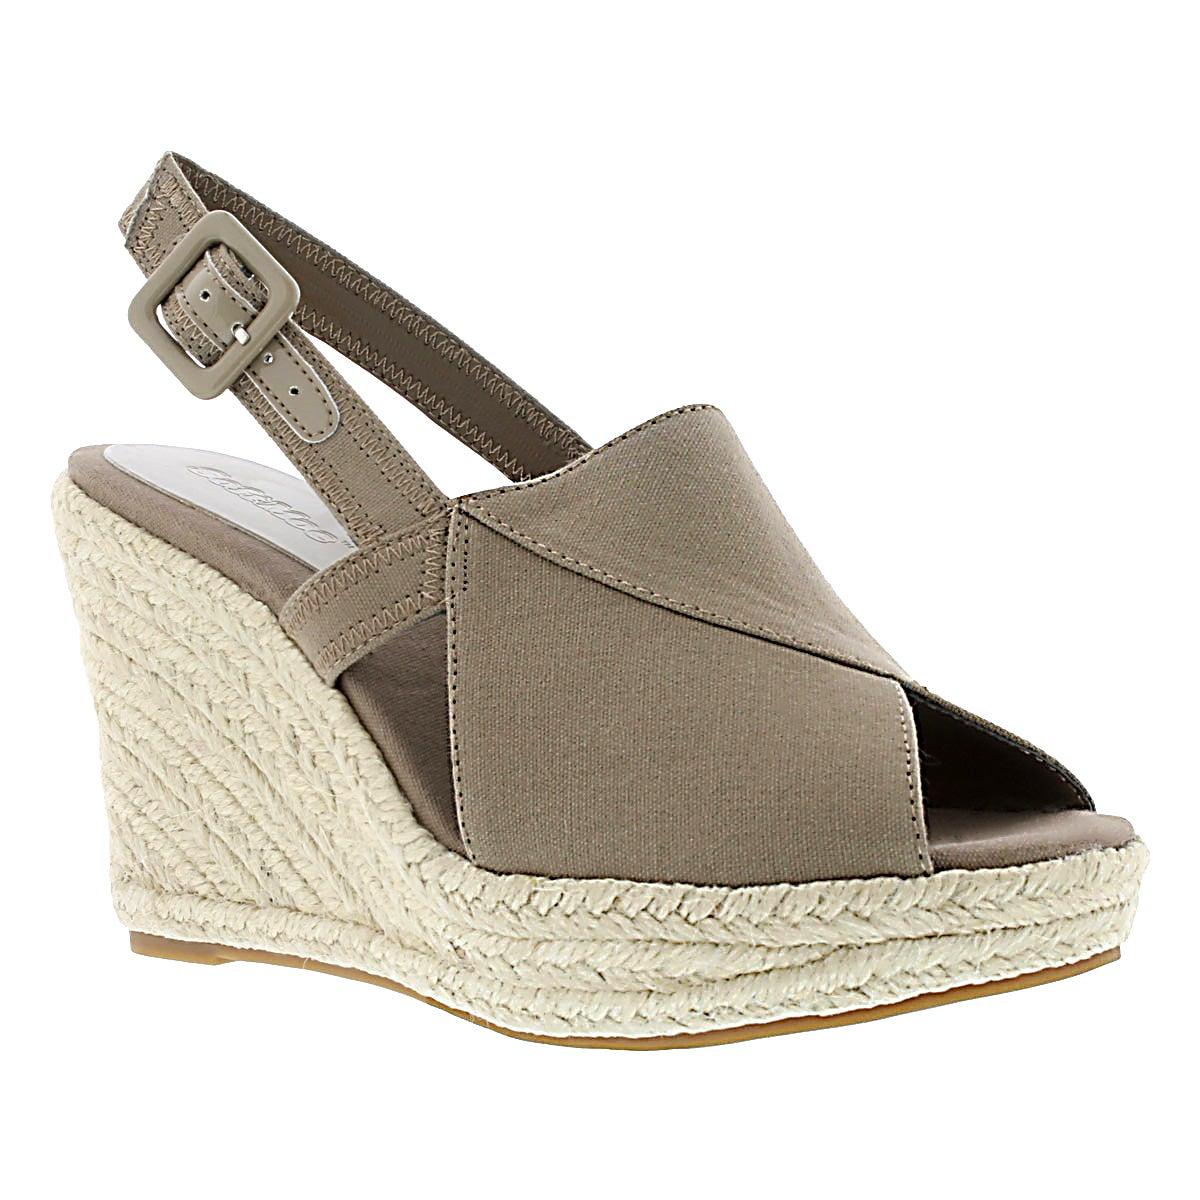 Women's ENYA beige wedge sandals